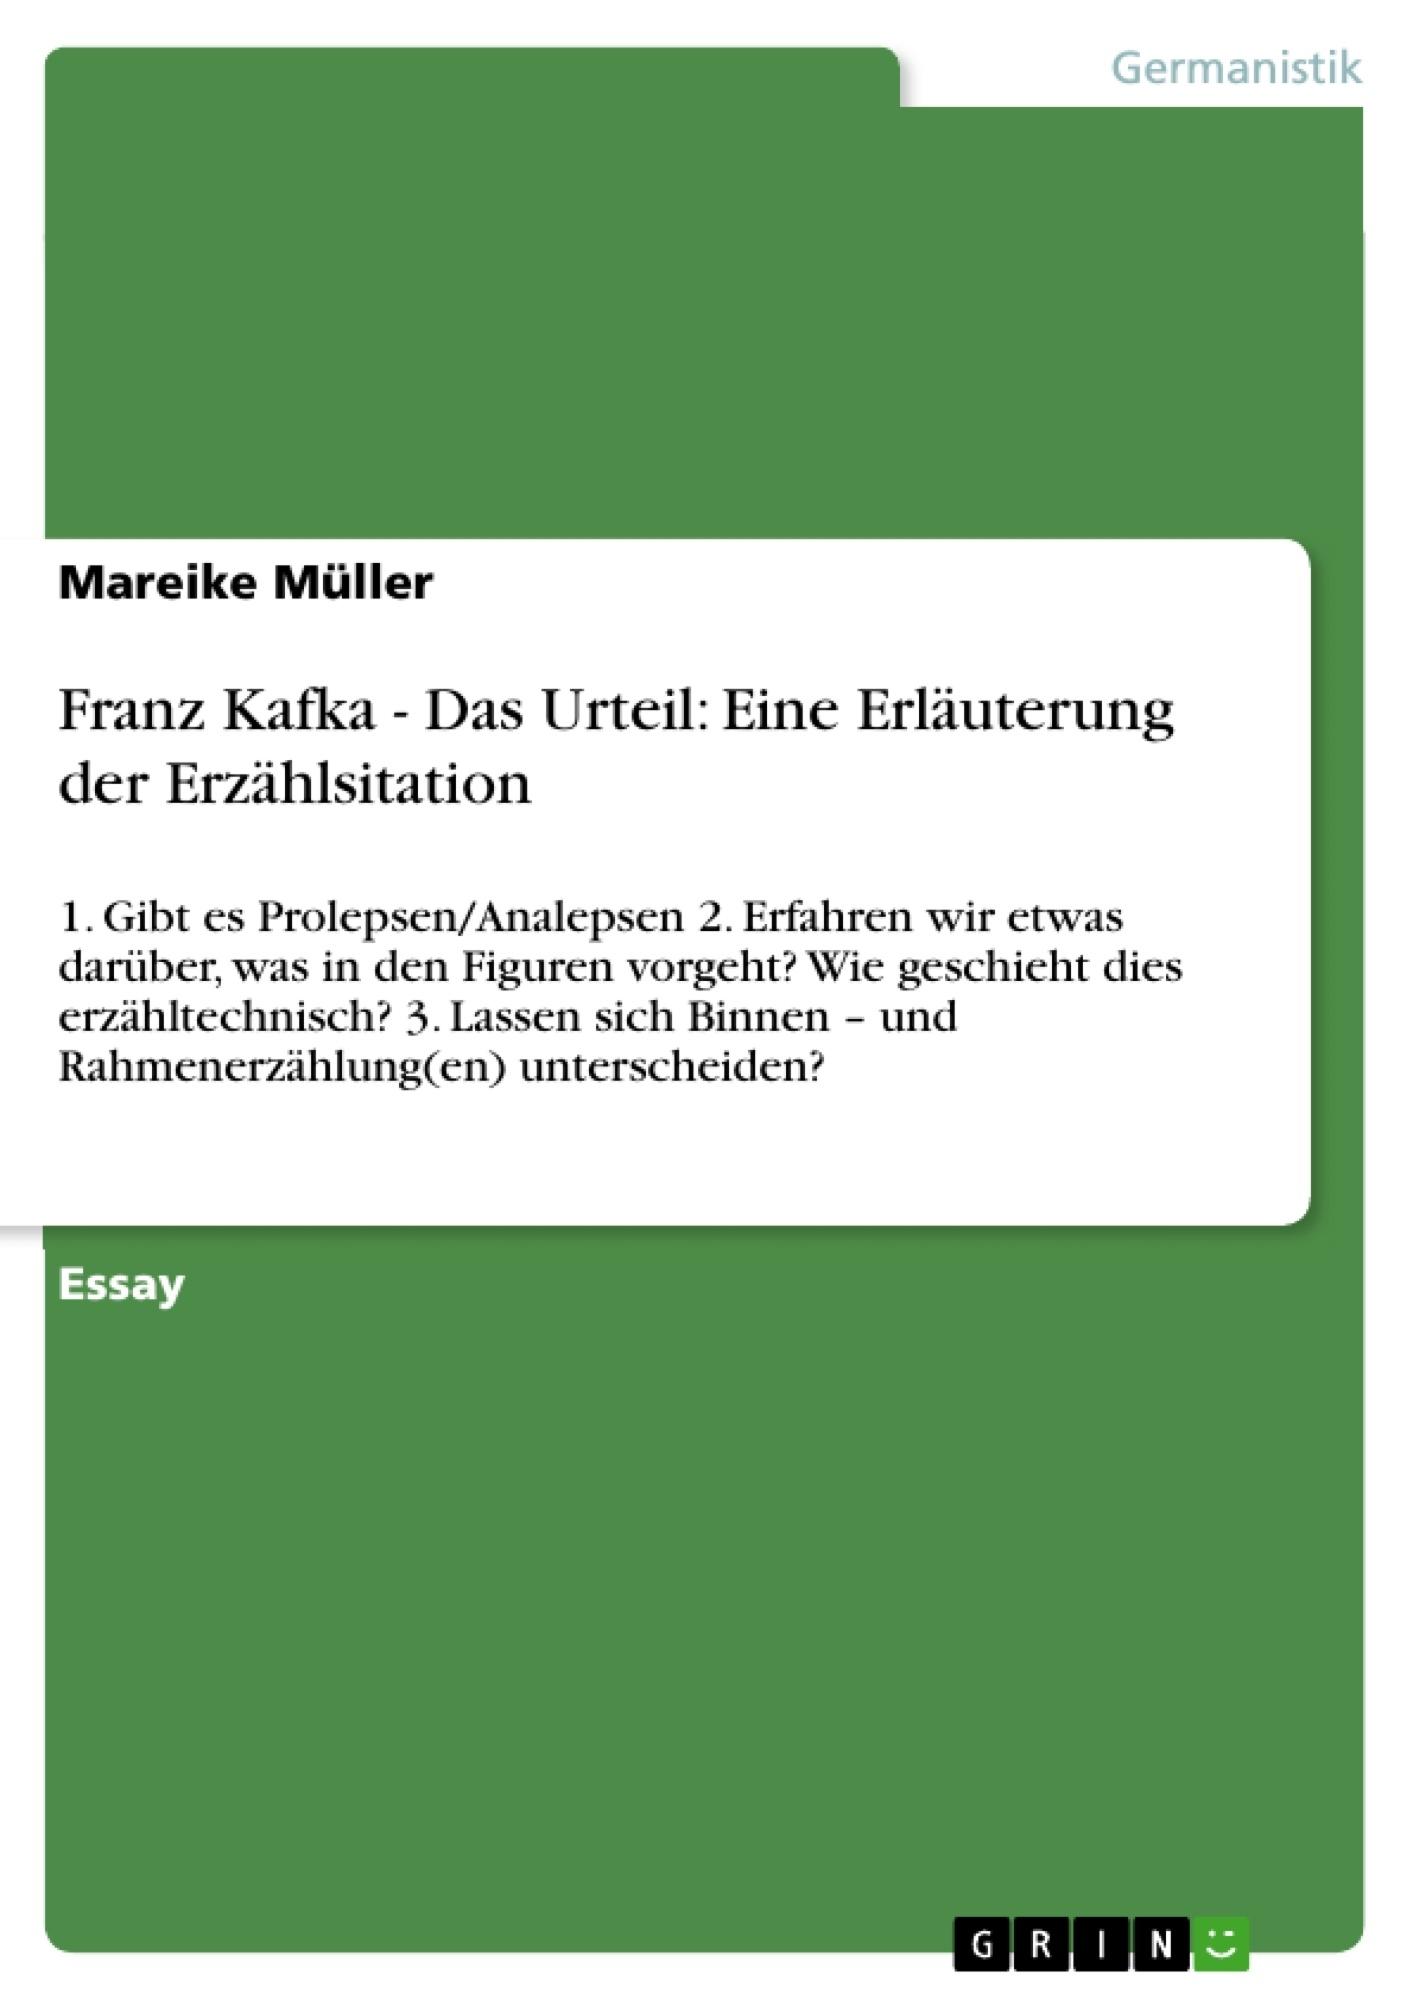 Titel: Franz Kafka - Das Urteil: Eine Erläuterung der Erzählsitation